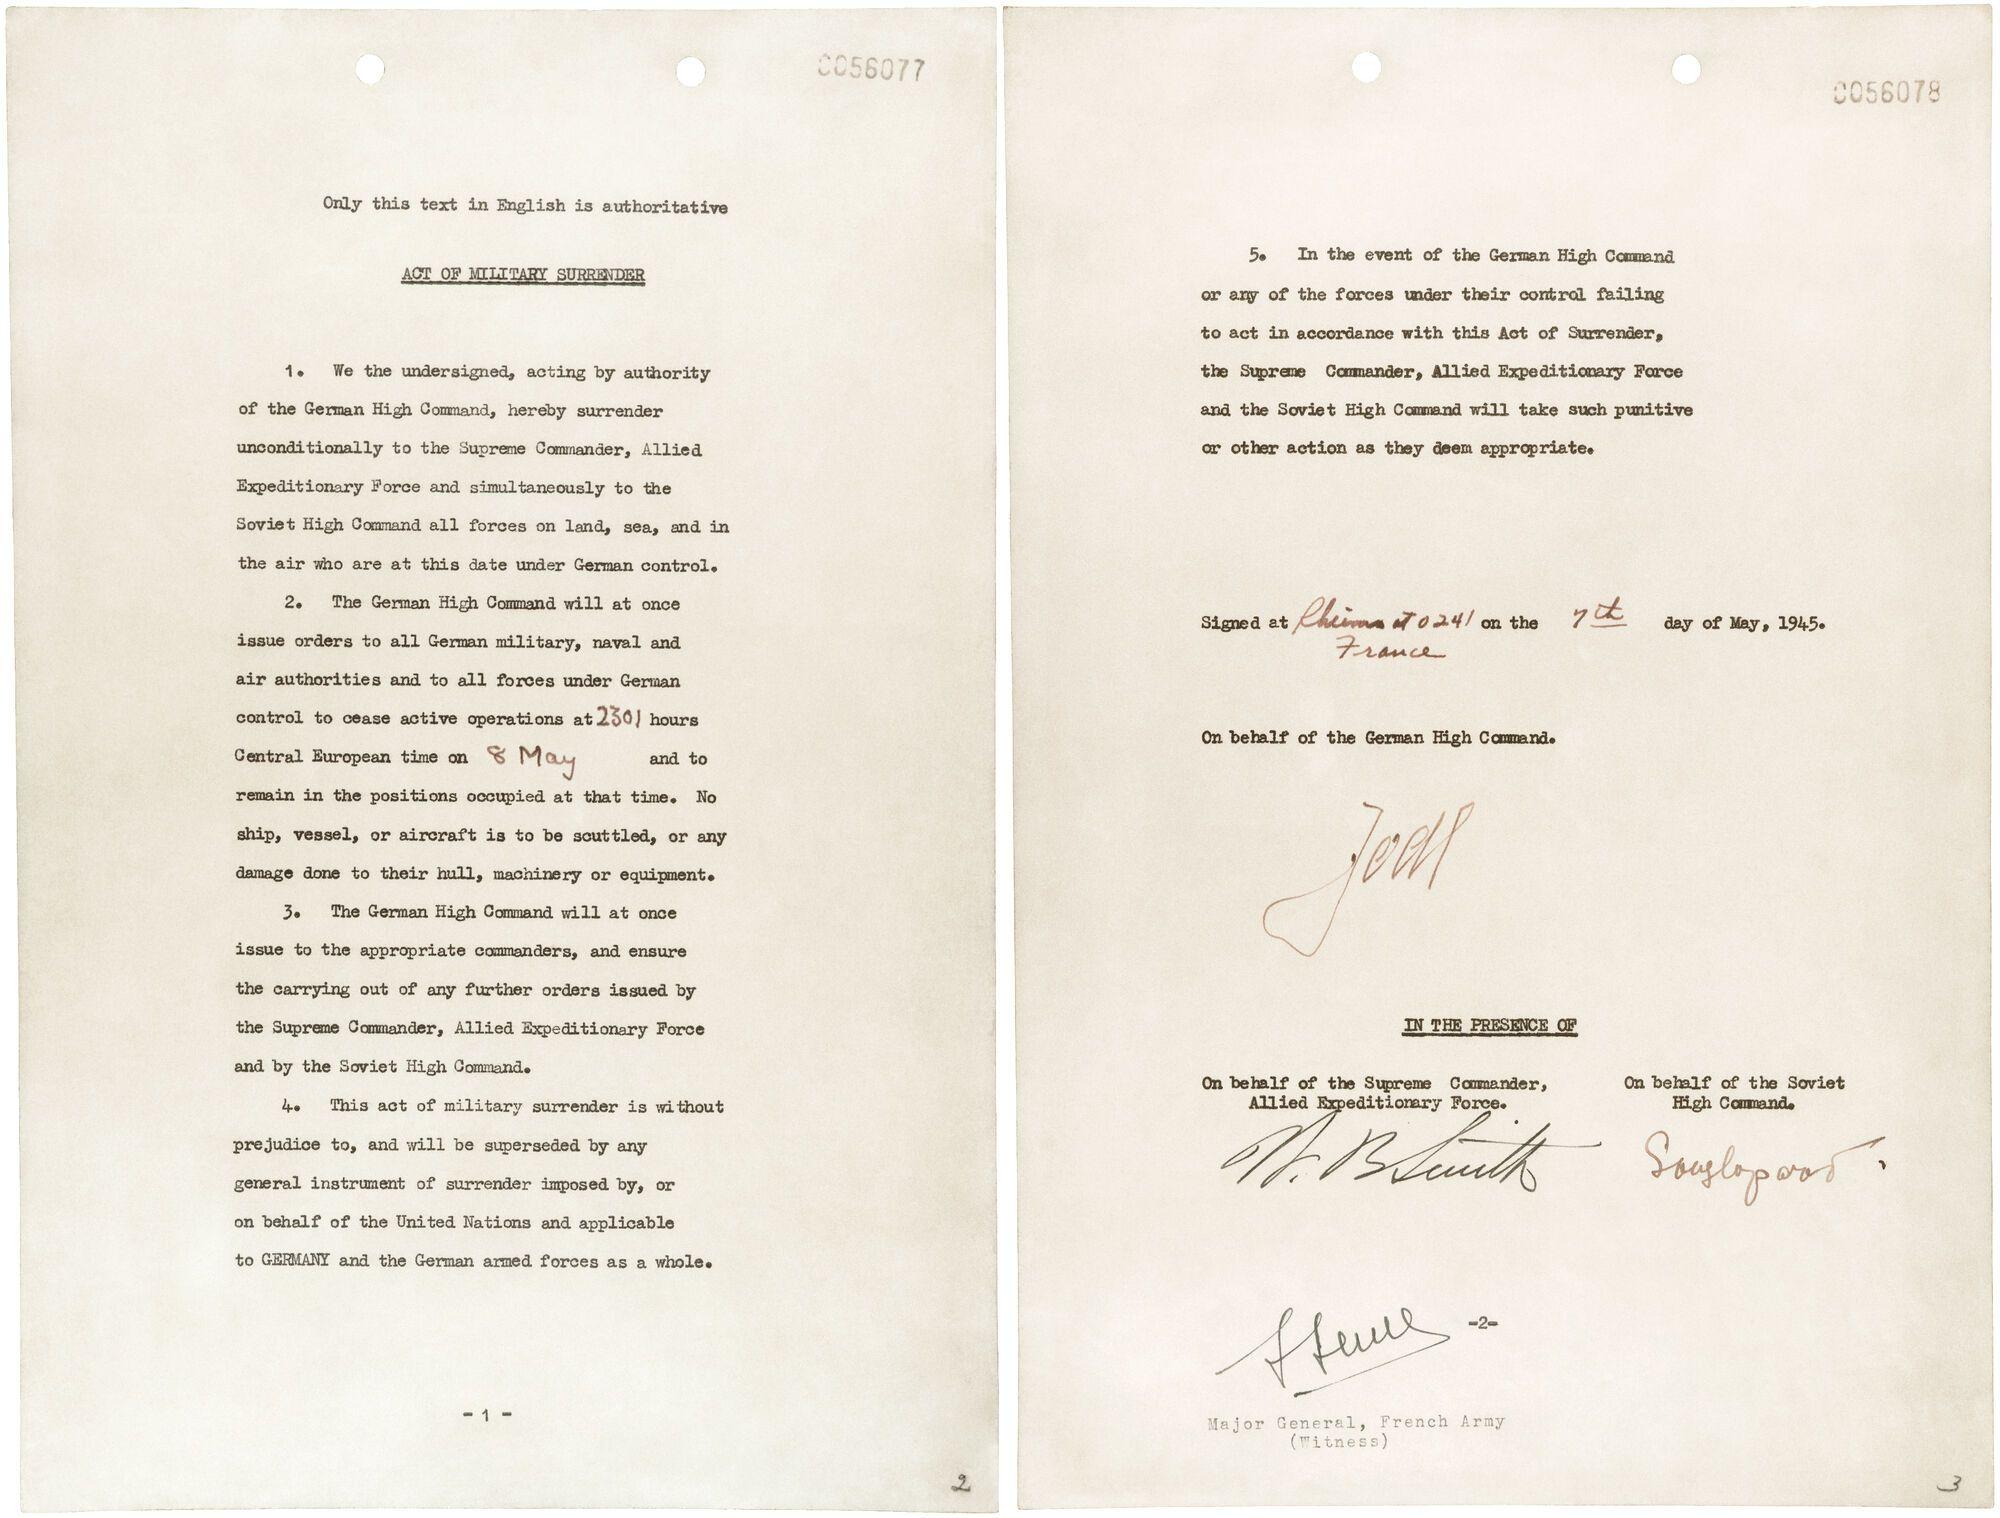 Акт про капітуляцію Німеччини / Джерело: ourdocuments.gov